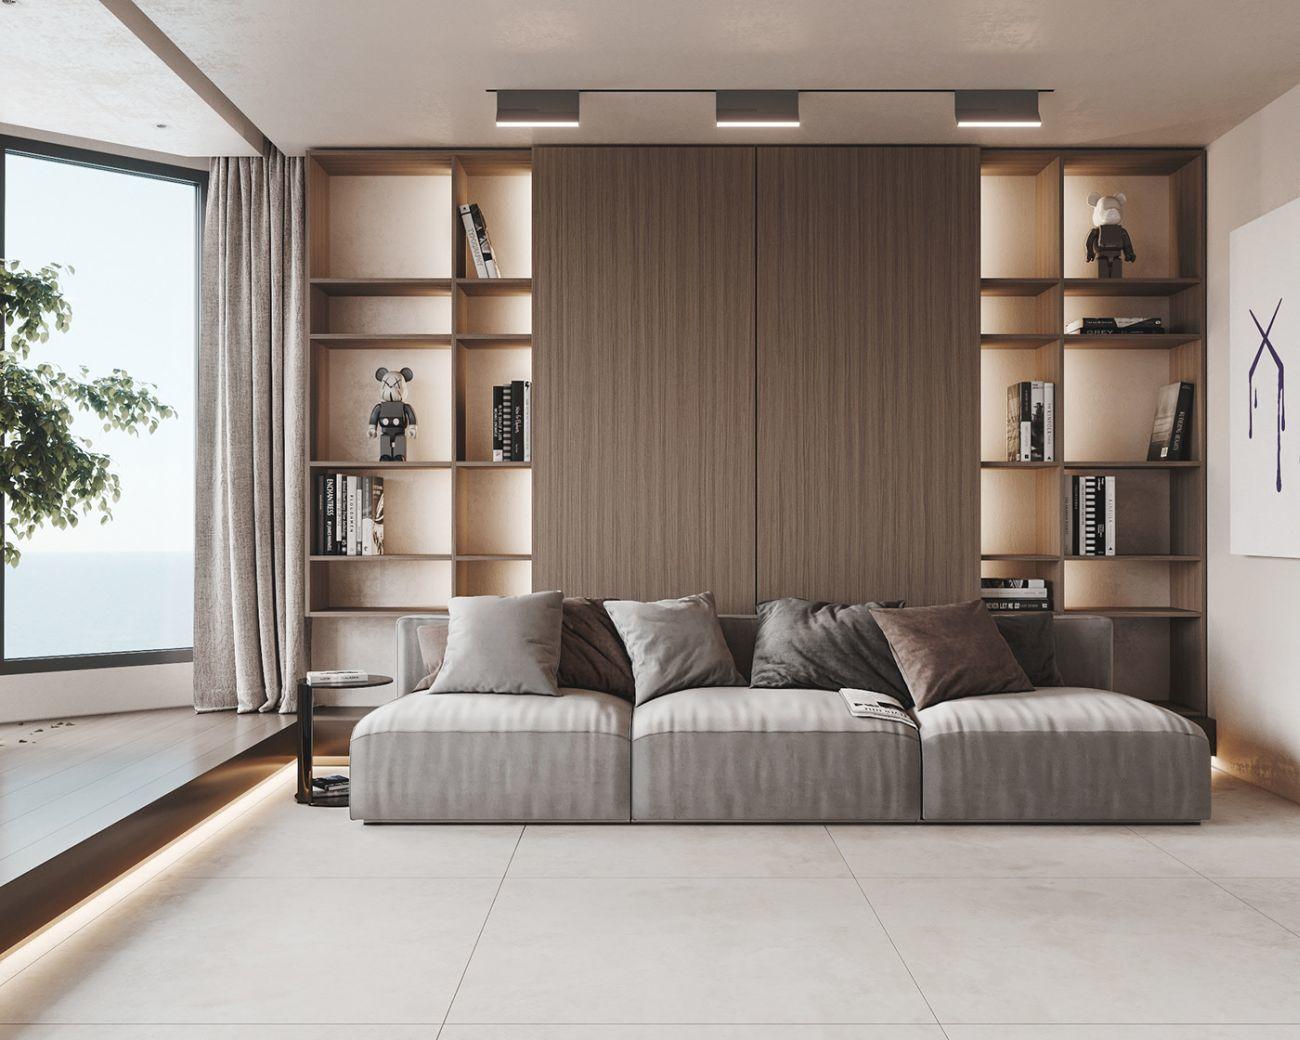 A nappali szekrény és a leddel megvilágított nyitott polcok